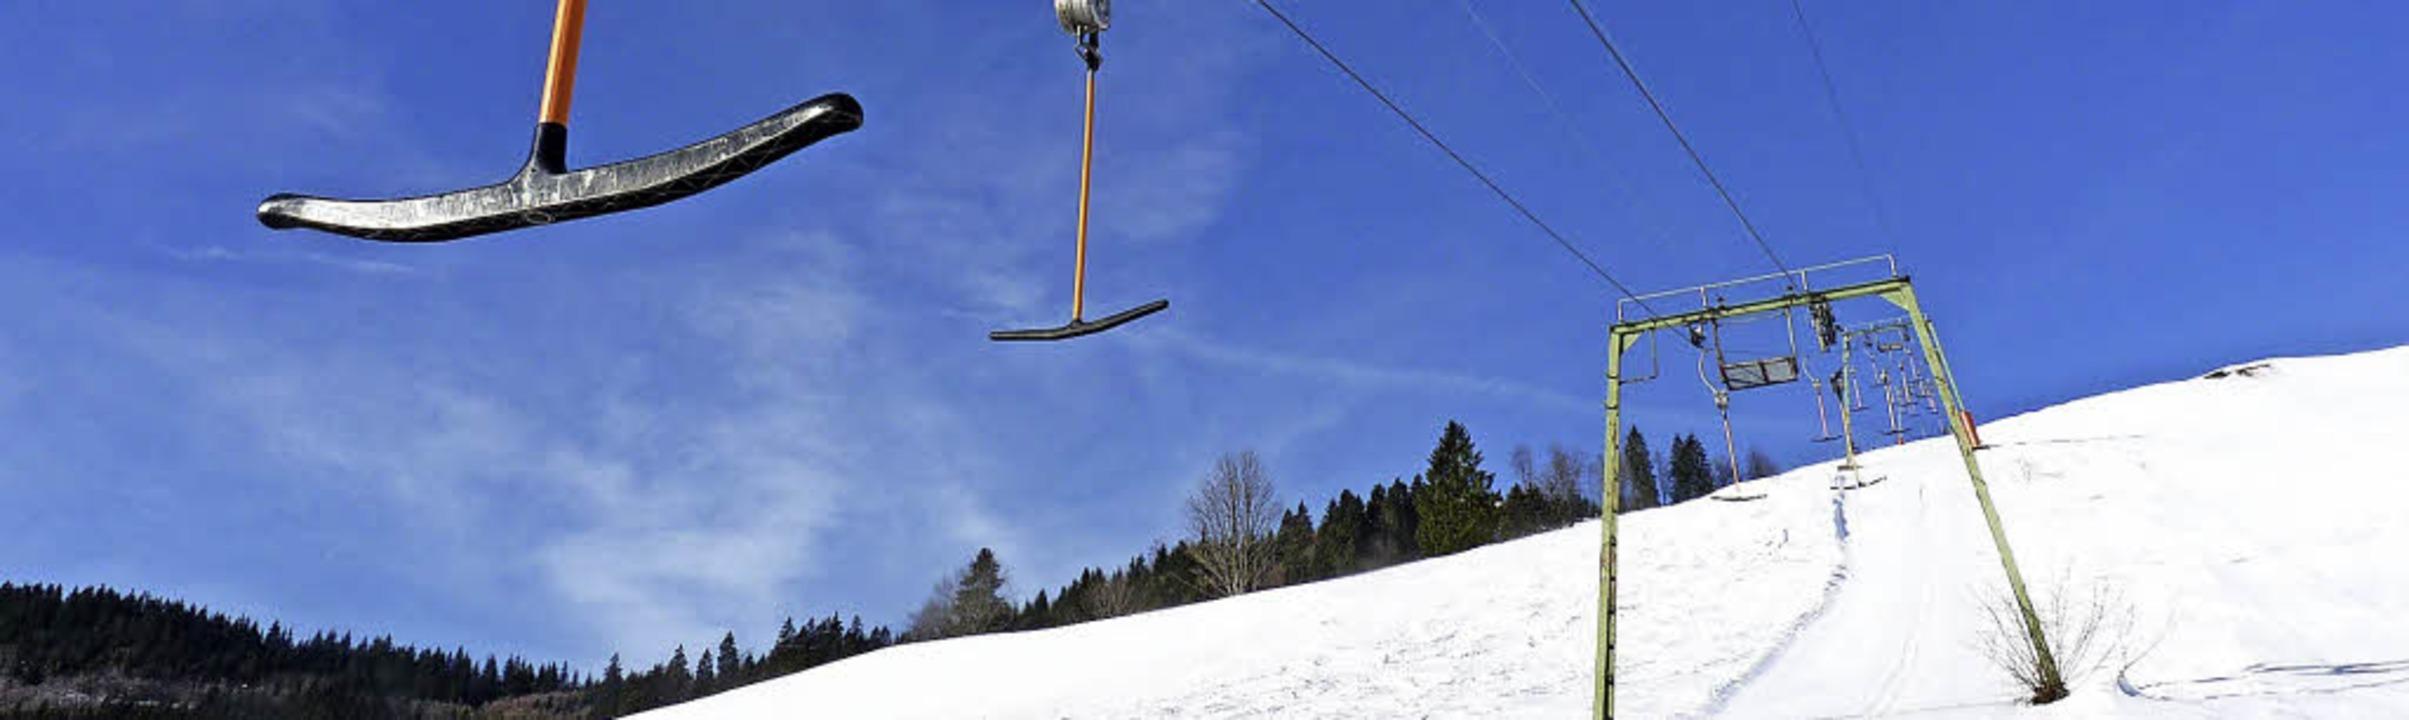 Die Skisaison beginnt jetzt wieder. Viele Lifte  sind einsatzbereit.   | Foto: Archivfoto: Sattelberger